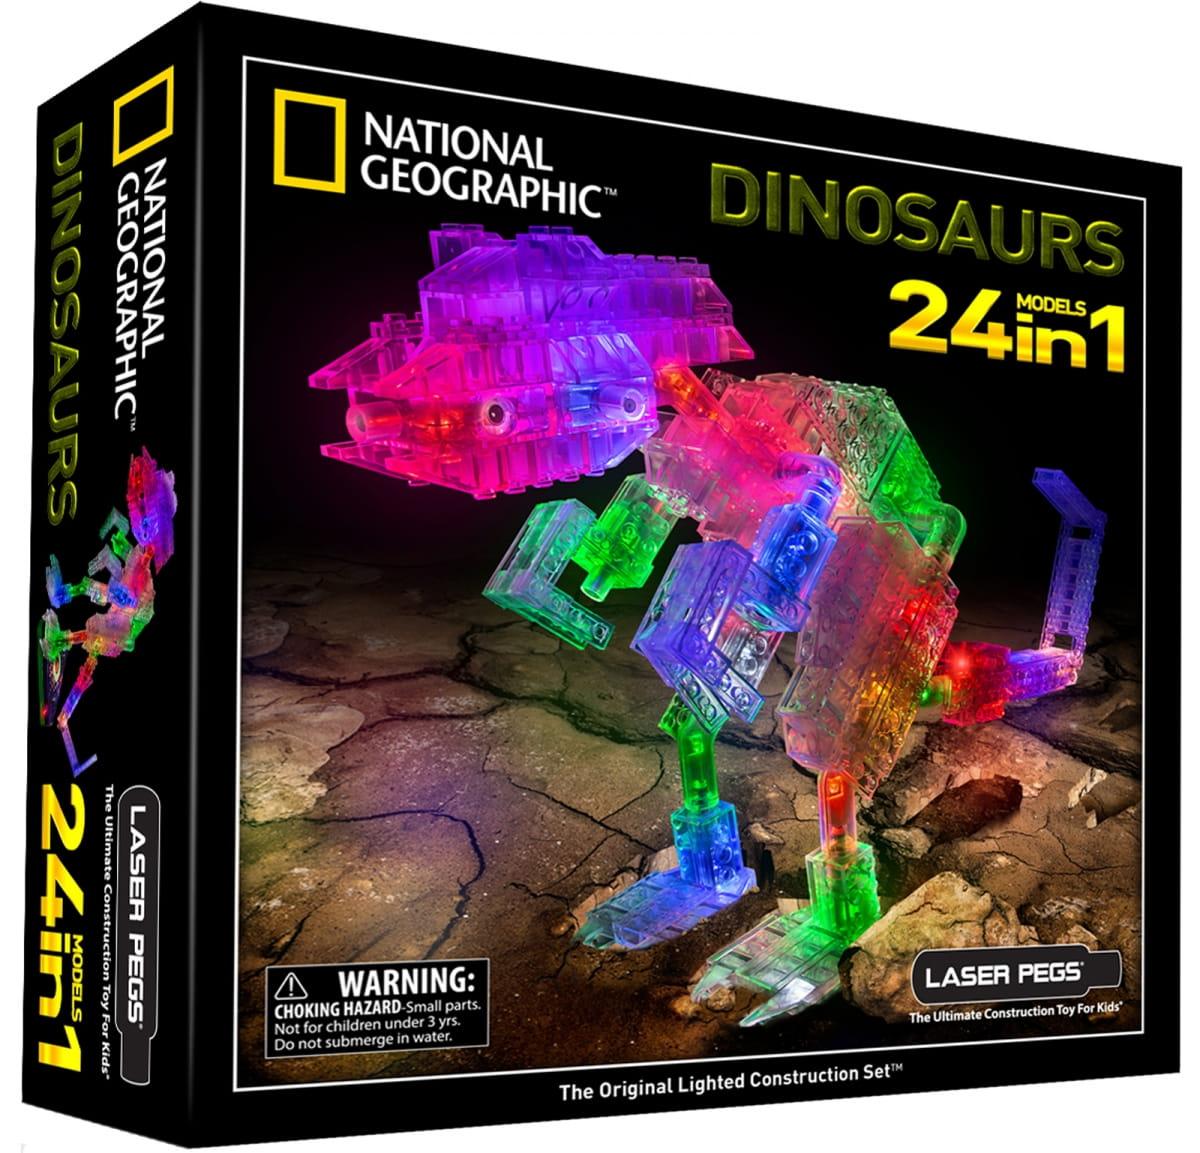 Светодиодный конструктор 24 в 1 Laser Pegs NG300 National Geographic - Динозавры